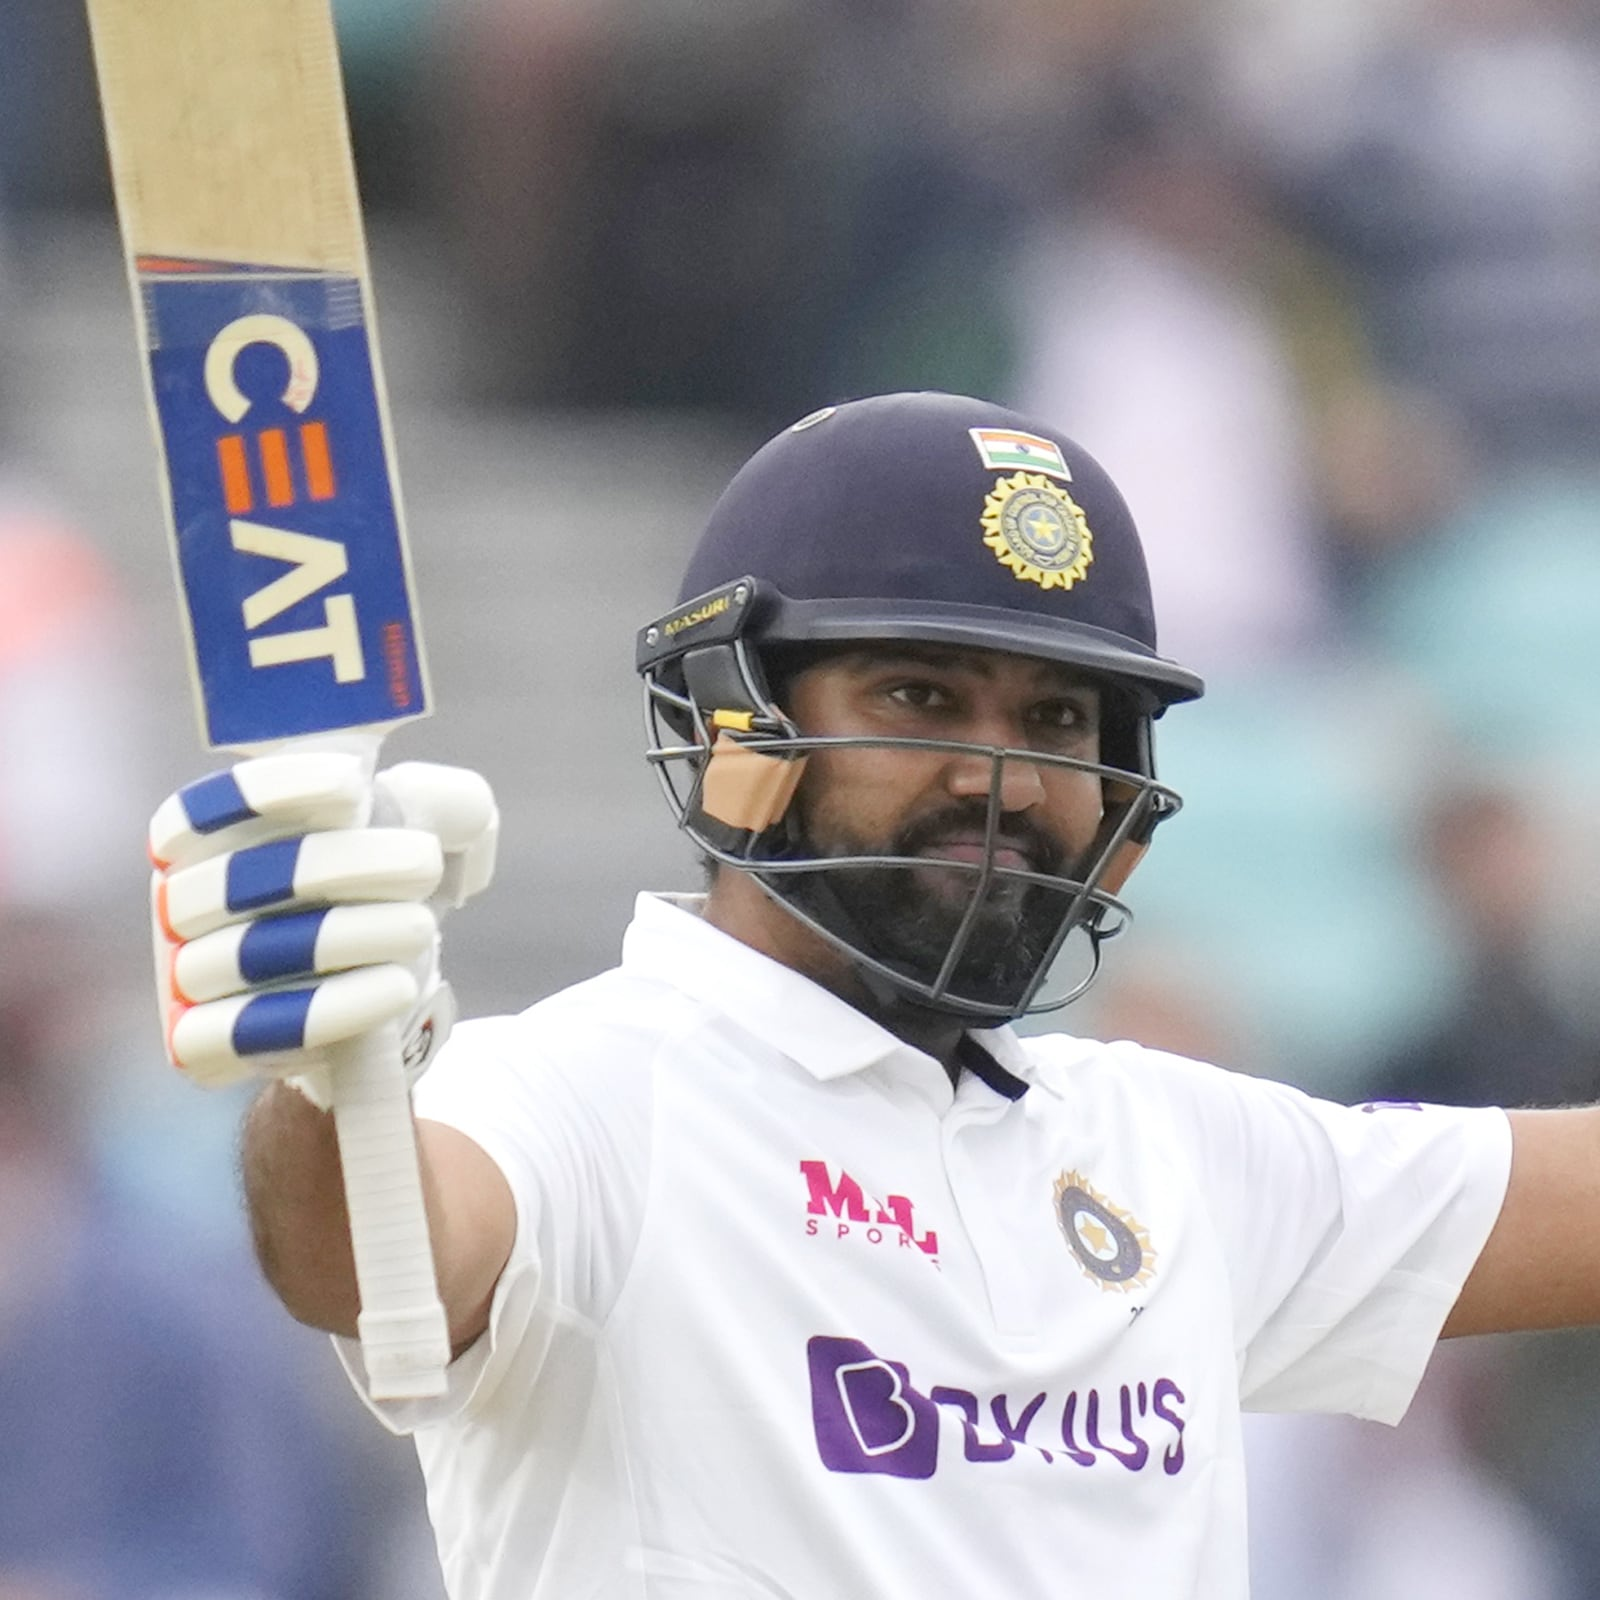 नई दिल्ली. भारतीय सलामी बल्लेबाज रोहित शर्मा ने इंग्लैंड के खिलाफ चौथे टेस्ट के तीसरे दिन शानदार बल्लेबाजी करके टीम इंडिया को मुश्किल से निकाला. उन्होंने द ओवल में 127 रन की पारी खेली. भारतीय ओपनर ने विदेशी सरजमीं पर पहला टेस्ट शतक ठोका और इसके बाद से ही उनका 3 साल पुराना एक ट्वीट तेजी से वायरल होने लगा. (AP)